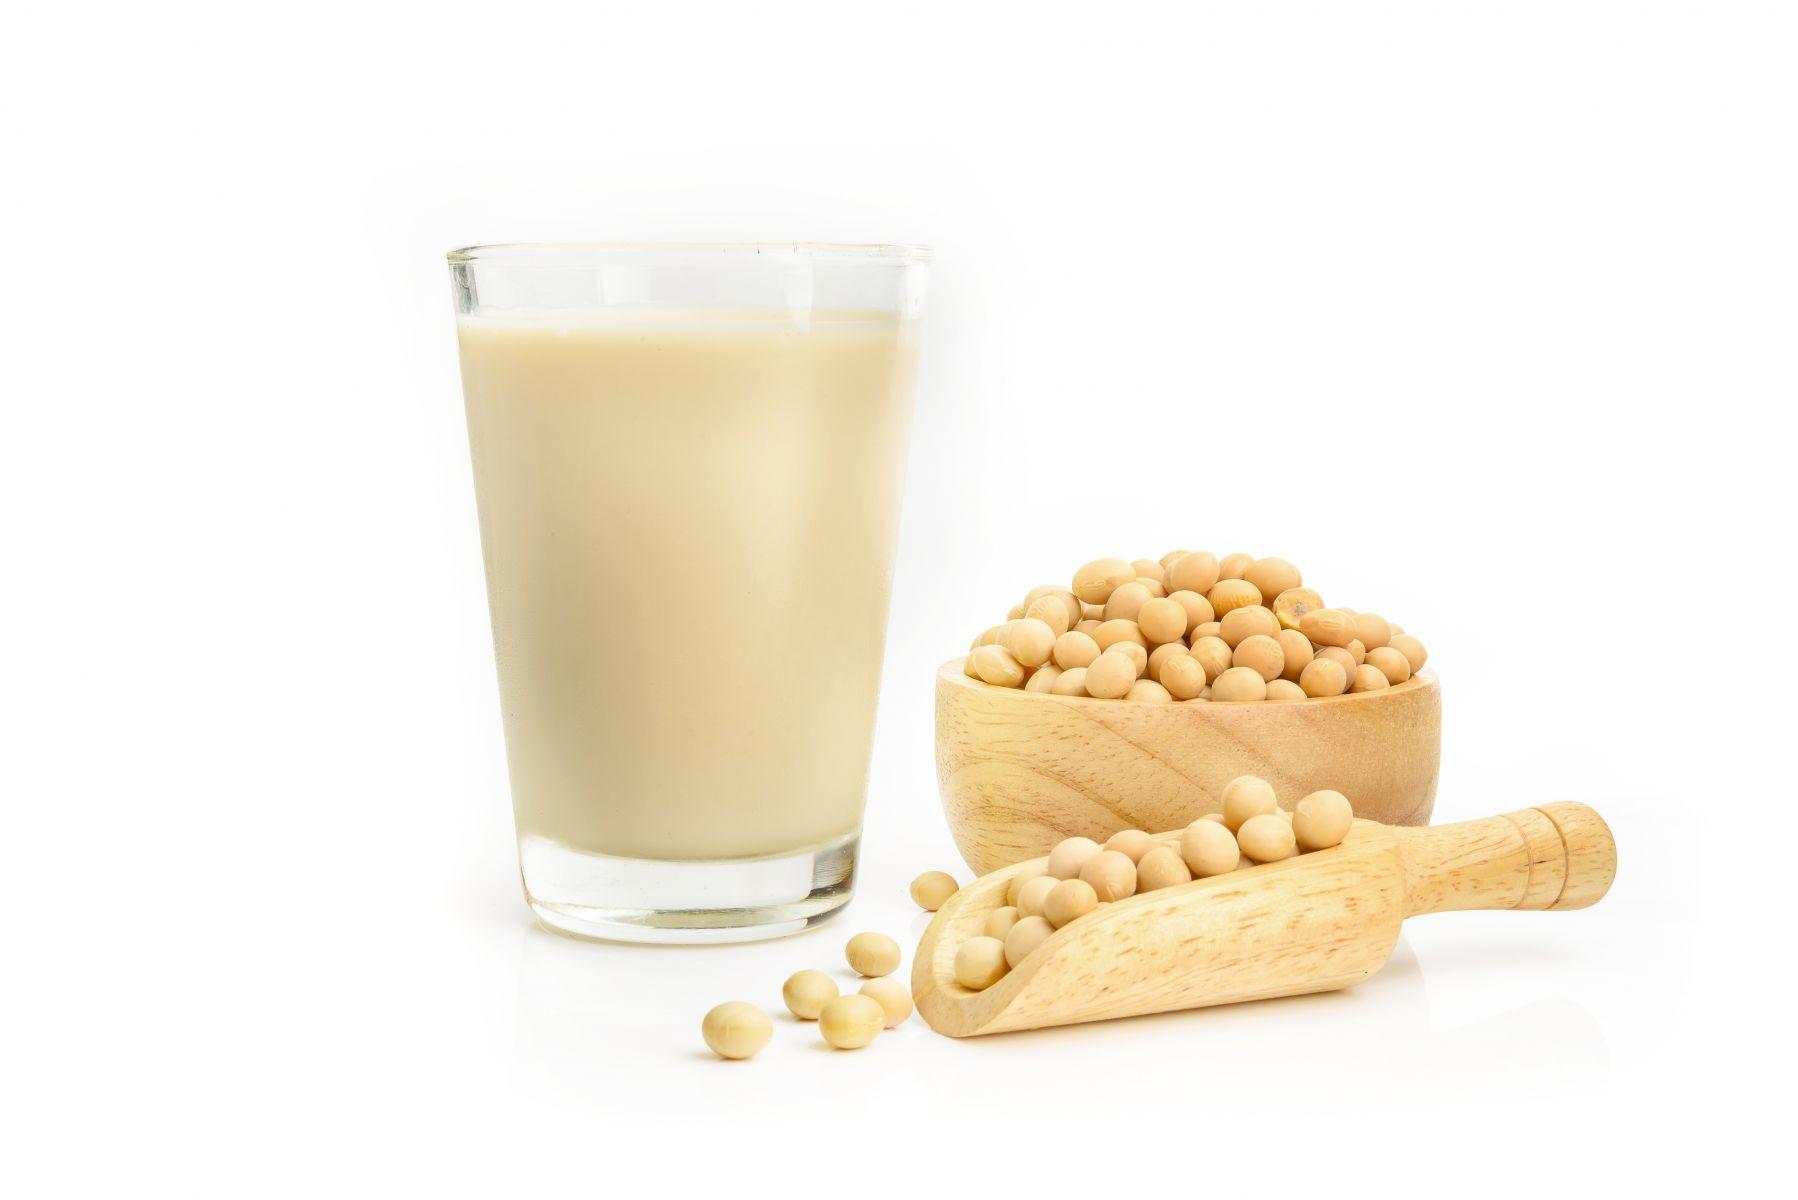 低熱量高纖維優質蛋白質!逆轉脂肪肝 你可以這樣吃